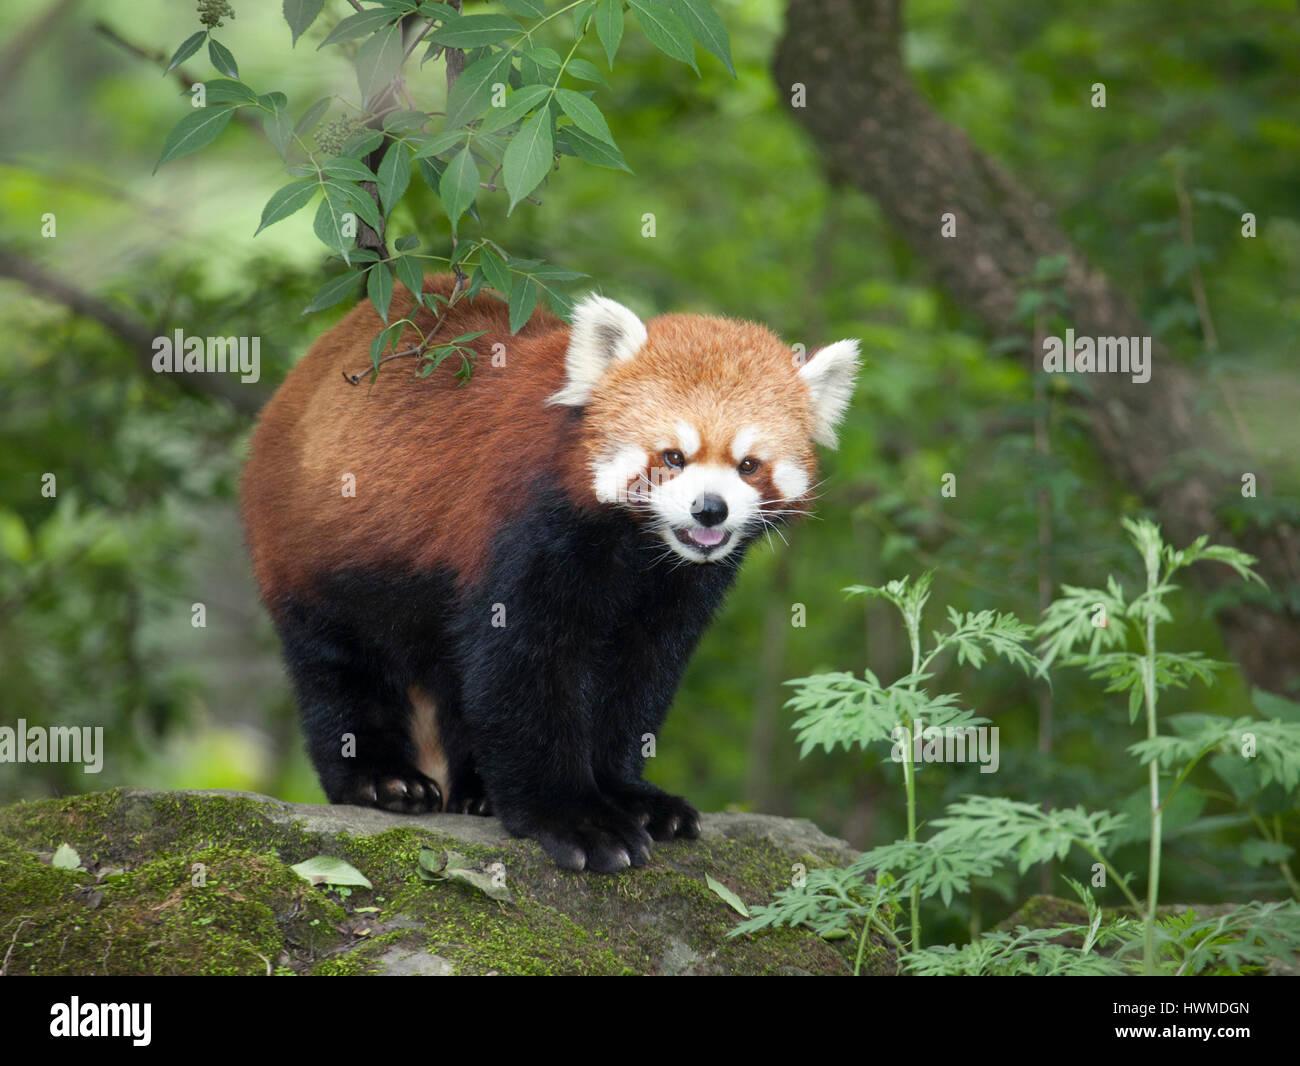 Le panda rouge (Ailurus fulgens) dans la réserve naturelle de Wolong forêt montagnarde, Chine Photo Stock